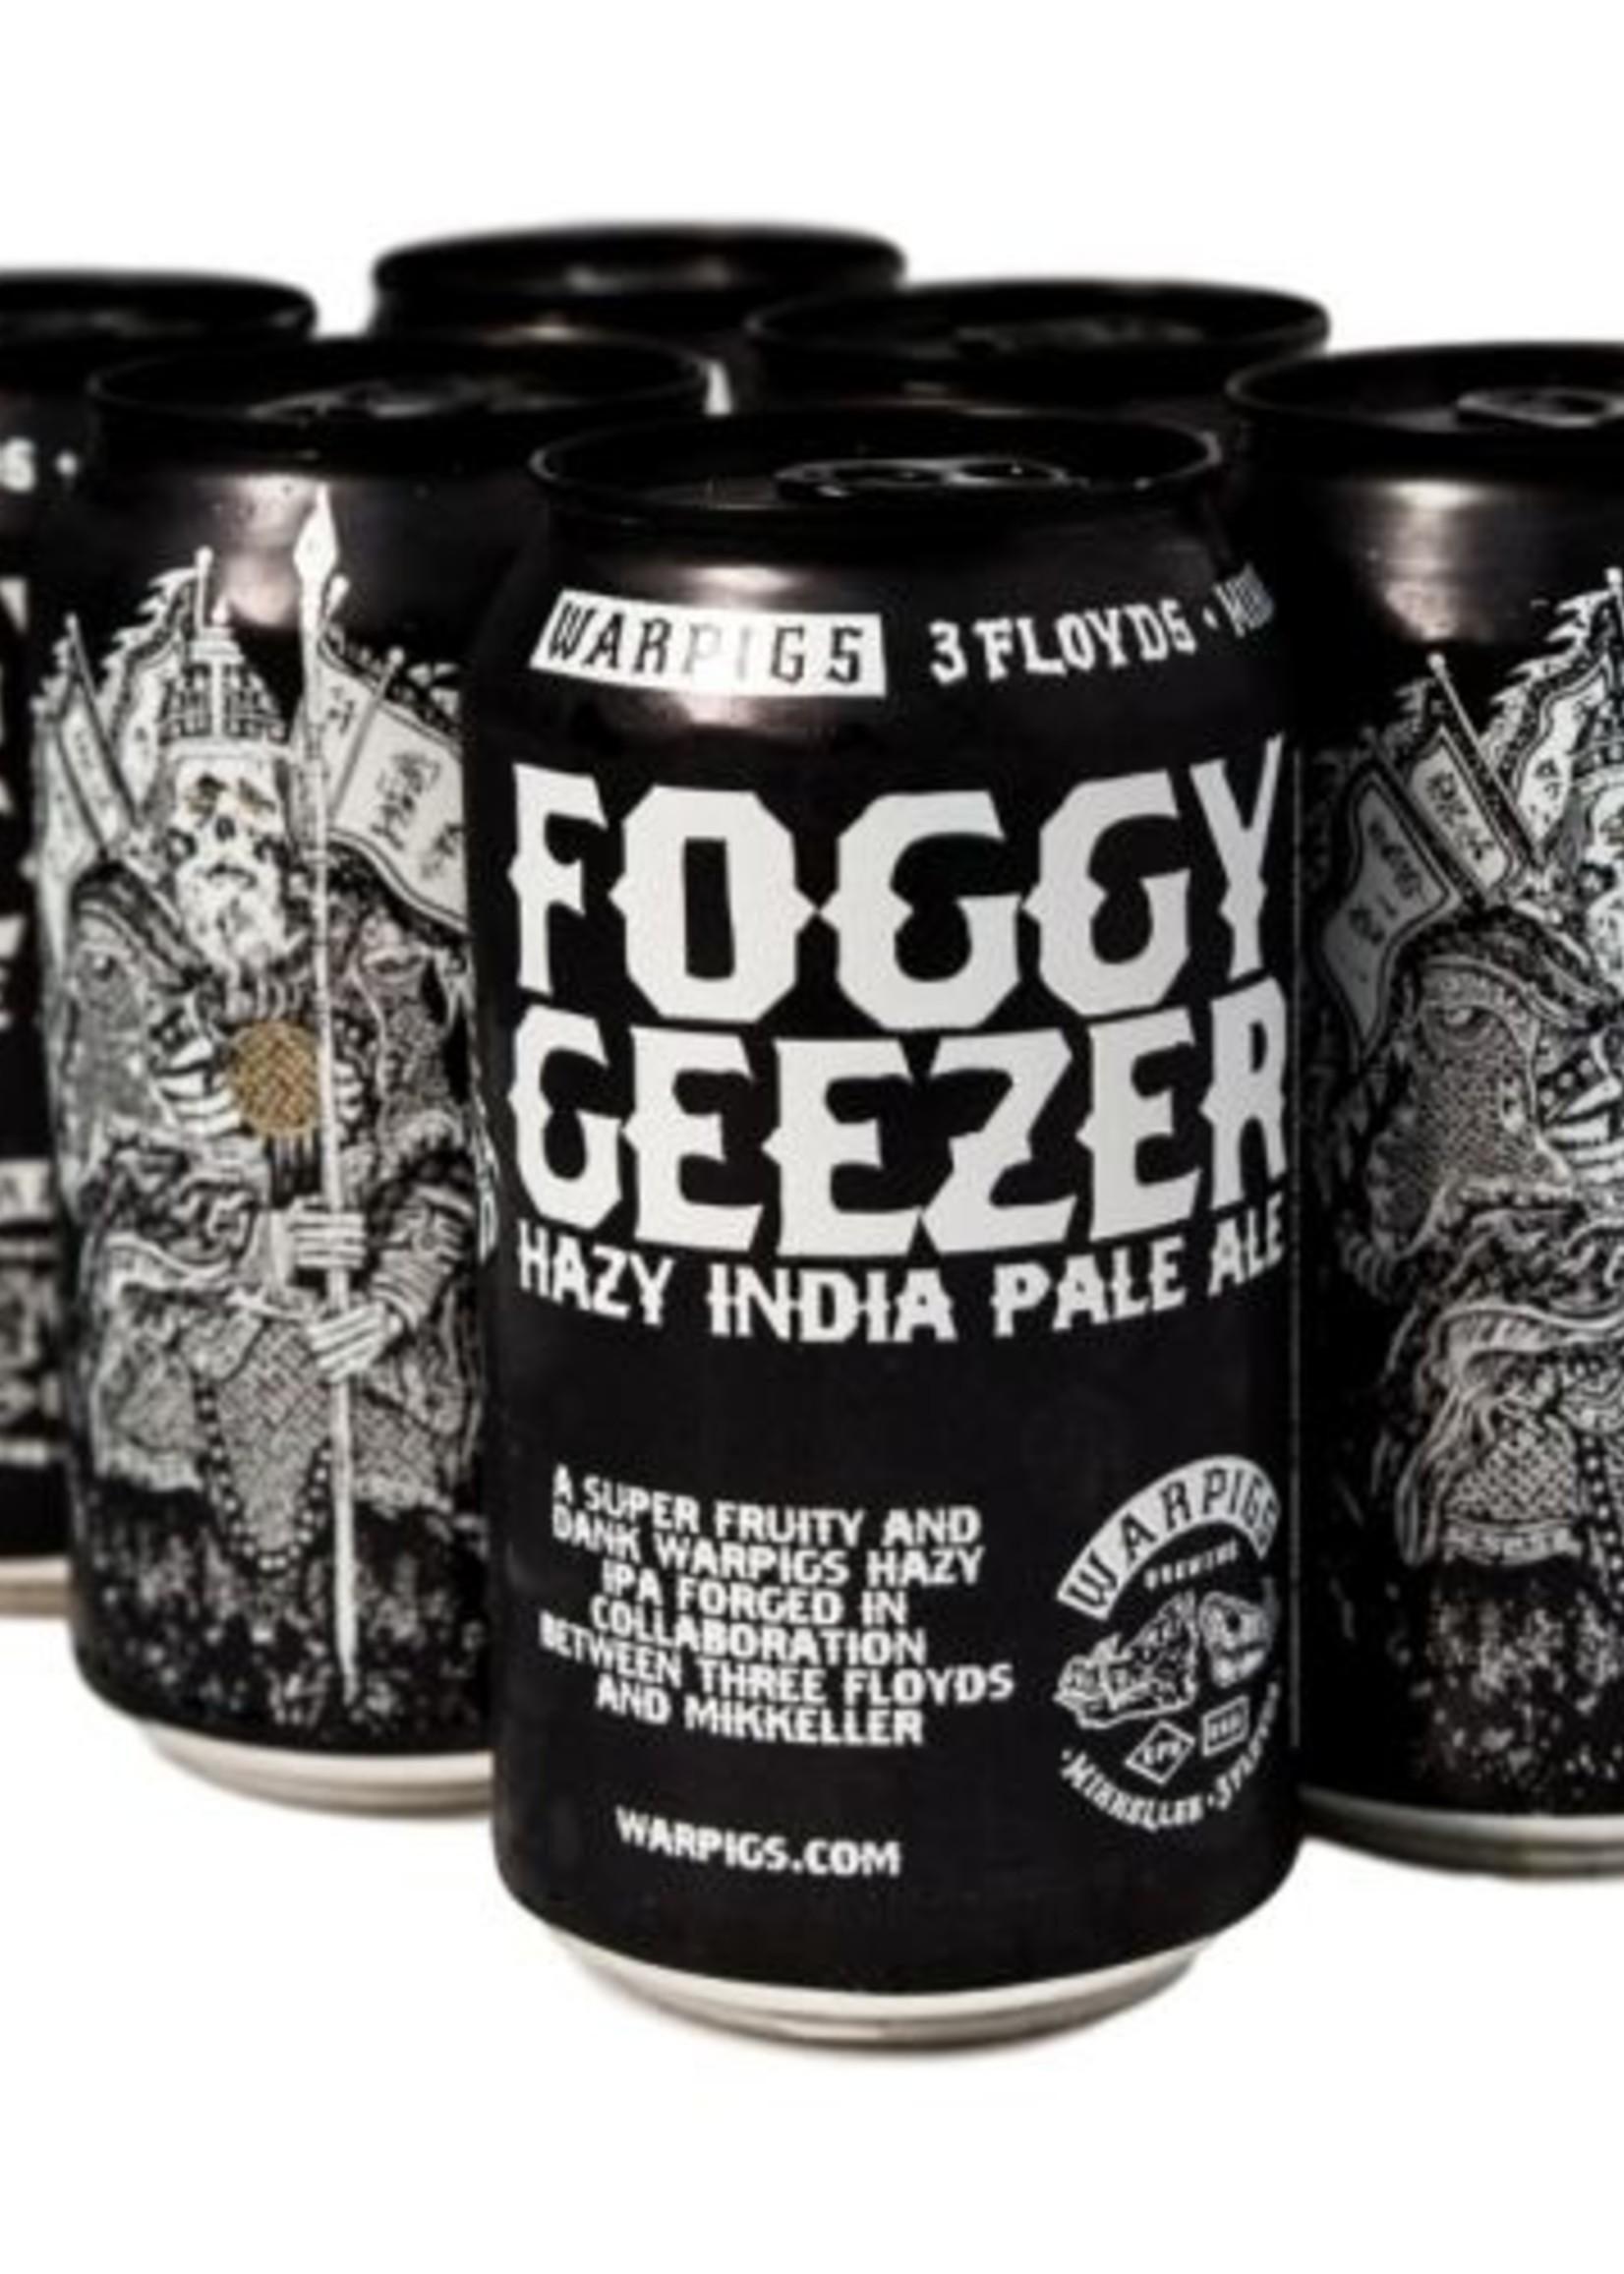 Warpigs Foggy Geezer IPA